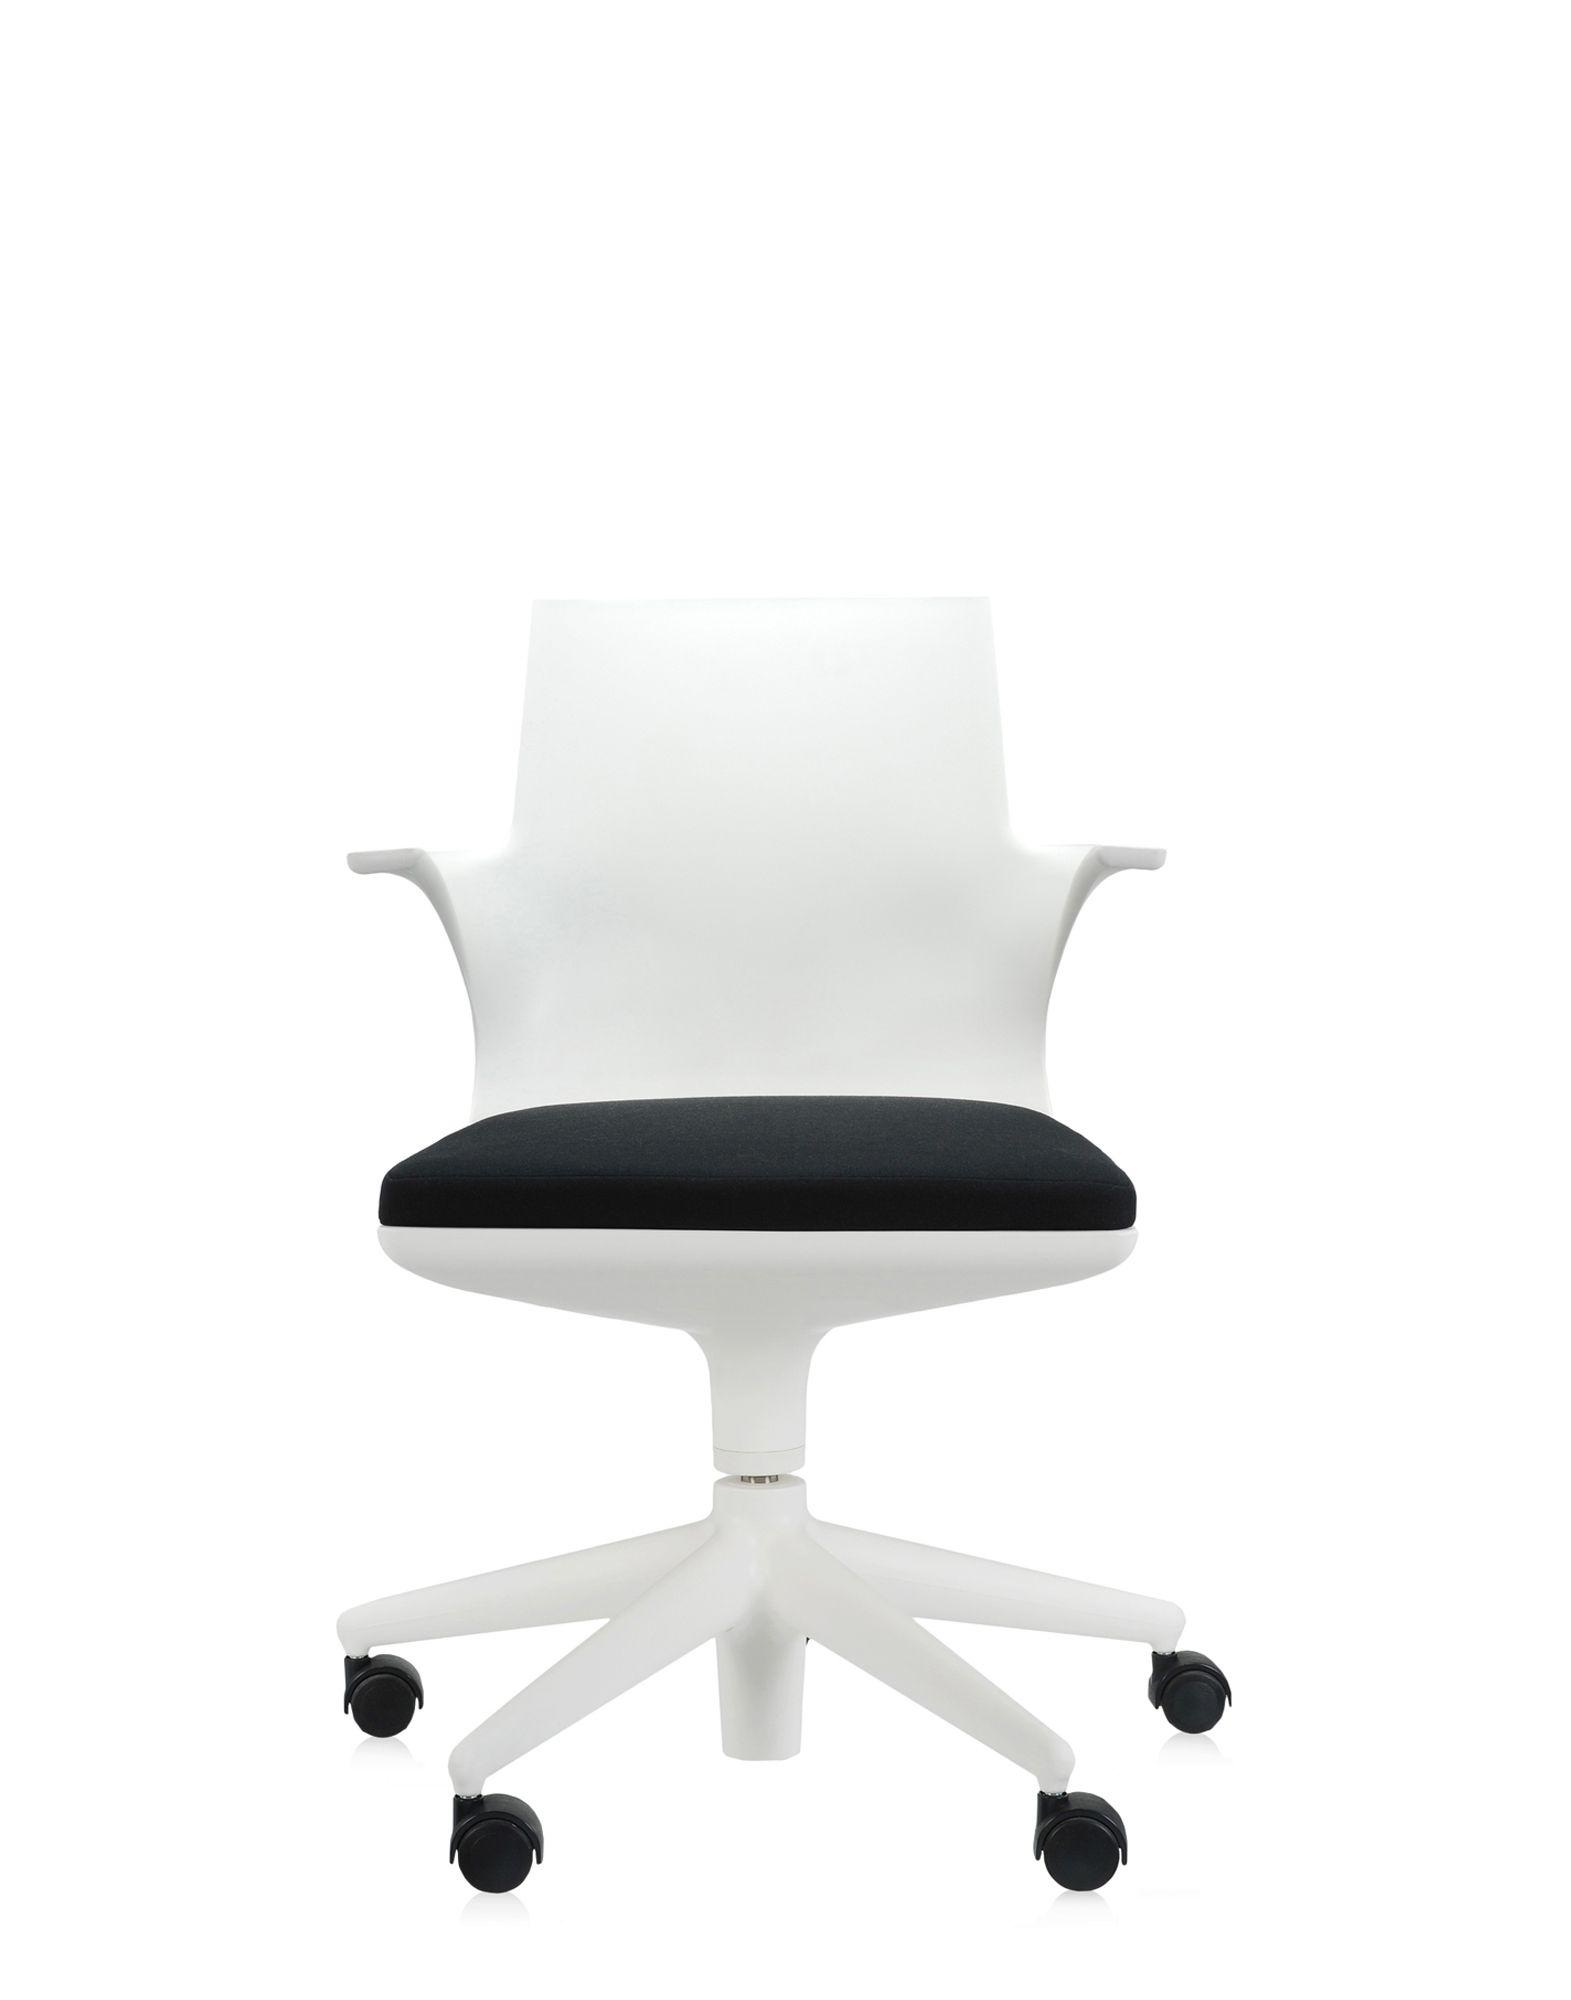 Kartell sedia ufficio spoon chair bianco nero sedie for Sedie design kartell